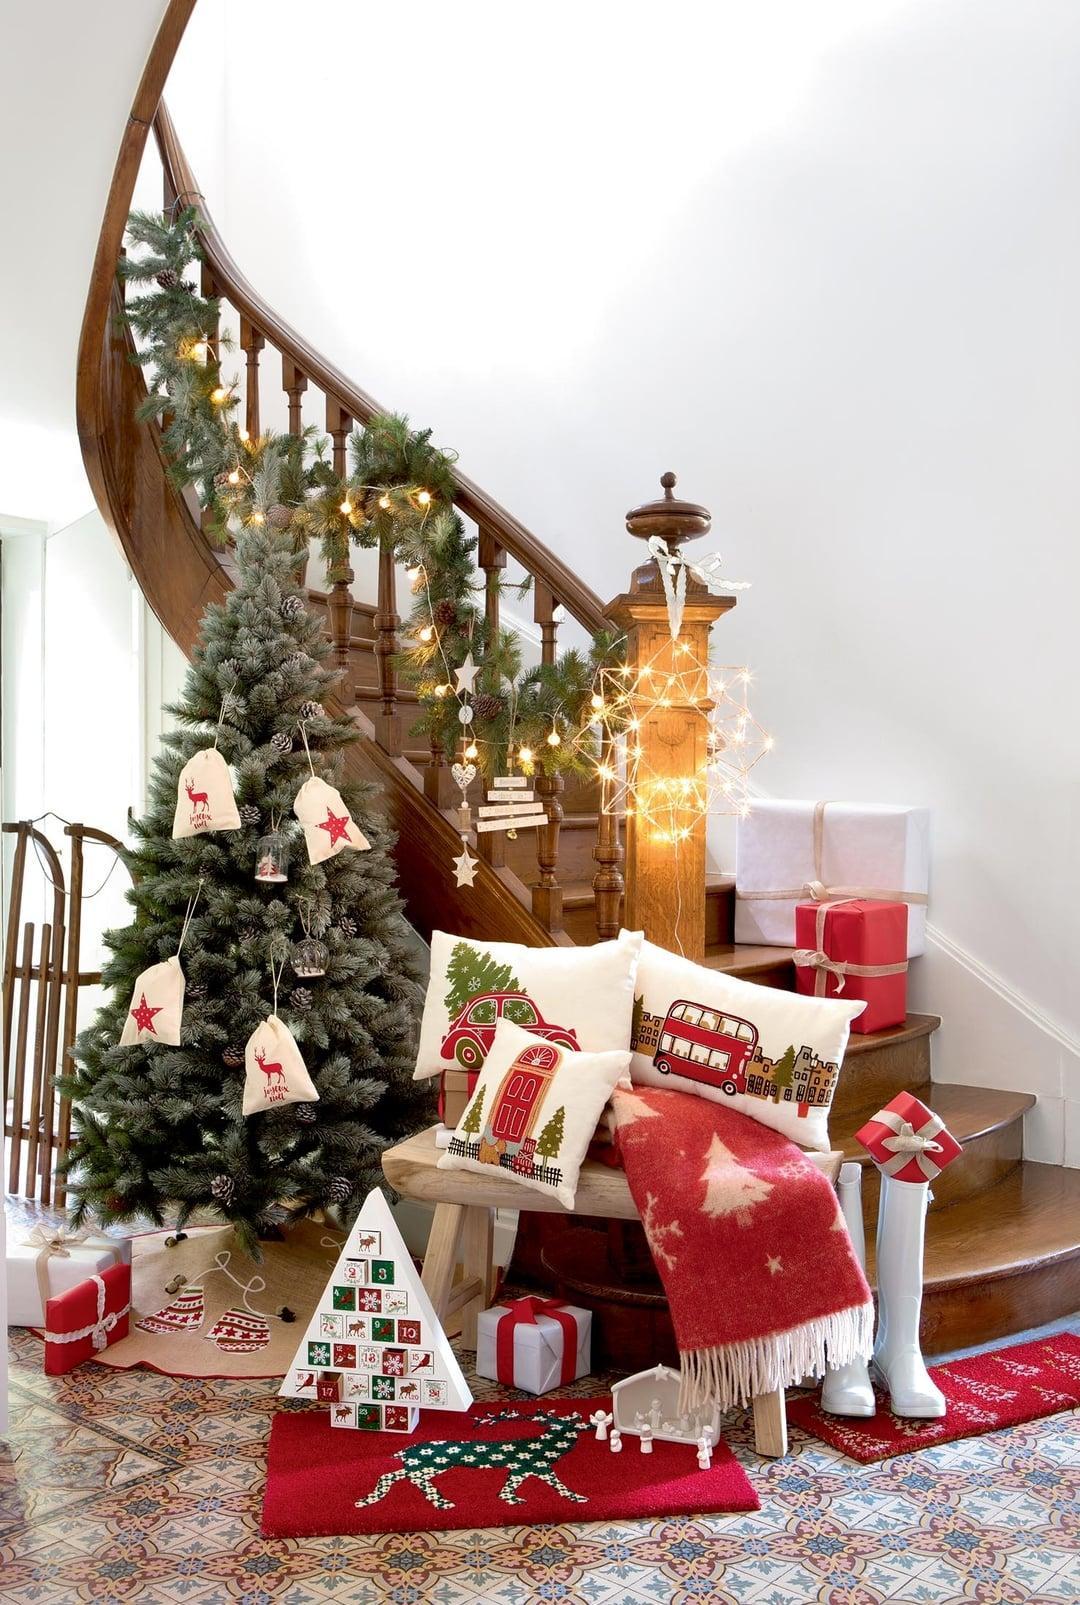 Оформление новогодней елки в стиле эко